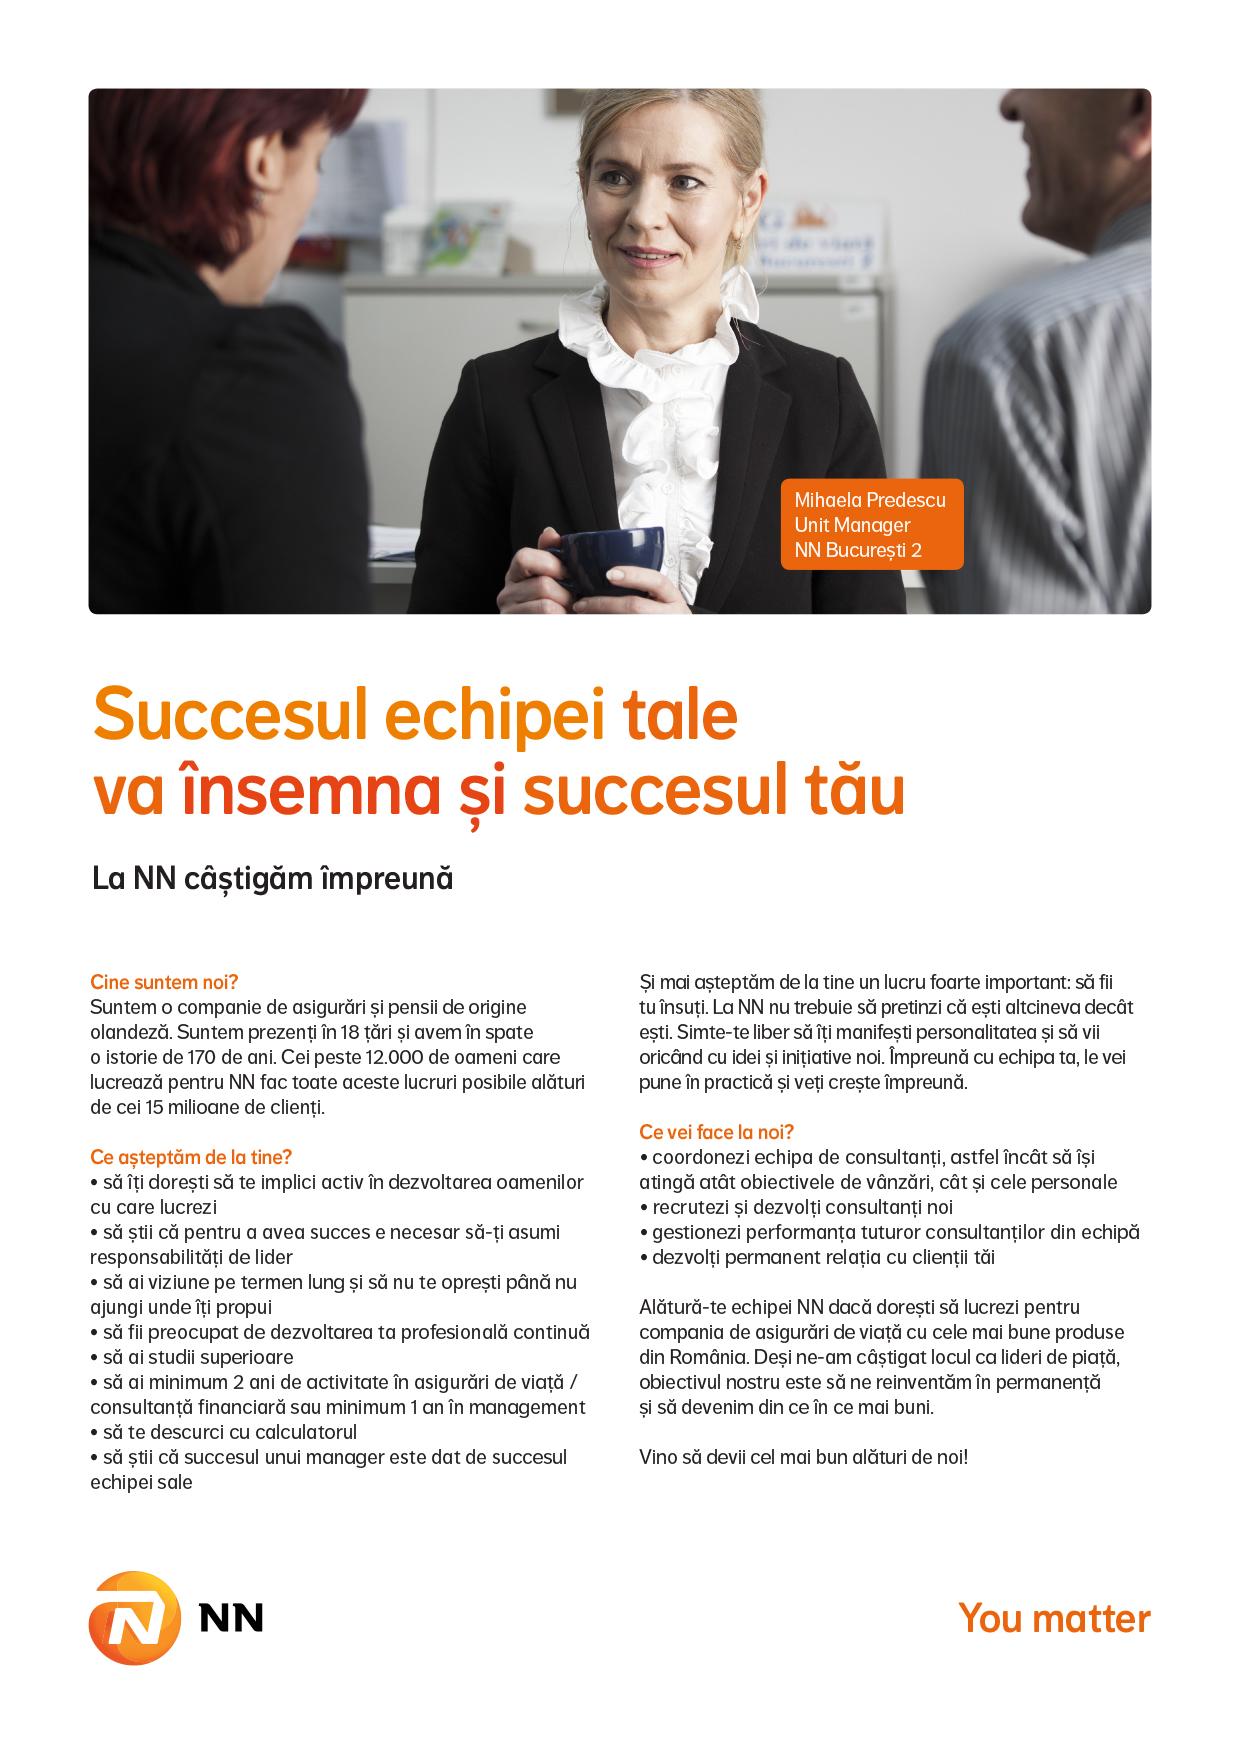 NN este o companie de asigurări și managementul investițiilor, activă în peste 18 țări, cu o puternică prezență în Europa și în Japonia.  Grupul NN, din România, include activitățile ING Asigurări de Viață și ING Pensii, companii lider pe piețele de profil, și ING Investment Management, numărul patru în topul companiilor de administrare a fondurilor mutuale din România.  Pentru noi, NN reprezintă un capitol nou și interesant în viața companiei, cu noi oportunități de dezvoltare. Promisiunea noastră este că vom continua să fim alături de clienții, angajatii si colaboratorii noștri, un partener apropiat și de încredere. Valorile noastre de bază sunt: ne pasă, suntem transparenți, ne dedicăm.  Valorile noastre sunt expresia lucrurilor noastre dragi, a ceea ce credem și a obiectivelor noastre. Ne unesc și ne inspiră. Și ne determină comportamentul zi de zi.    NN Romania in cifre:  2,2 milioane clienți unici de asigurări de viață, pensii obligatorii și pensii facultative Cote de piață septembrie 2014:  • Asigurări de Viață - 38%  • Pensii obligatorii (Pilonul 2) - 38% în funcție de active  • Pensii facultative (Pilonul 3) - 48,5 în funcție de active